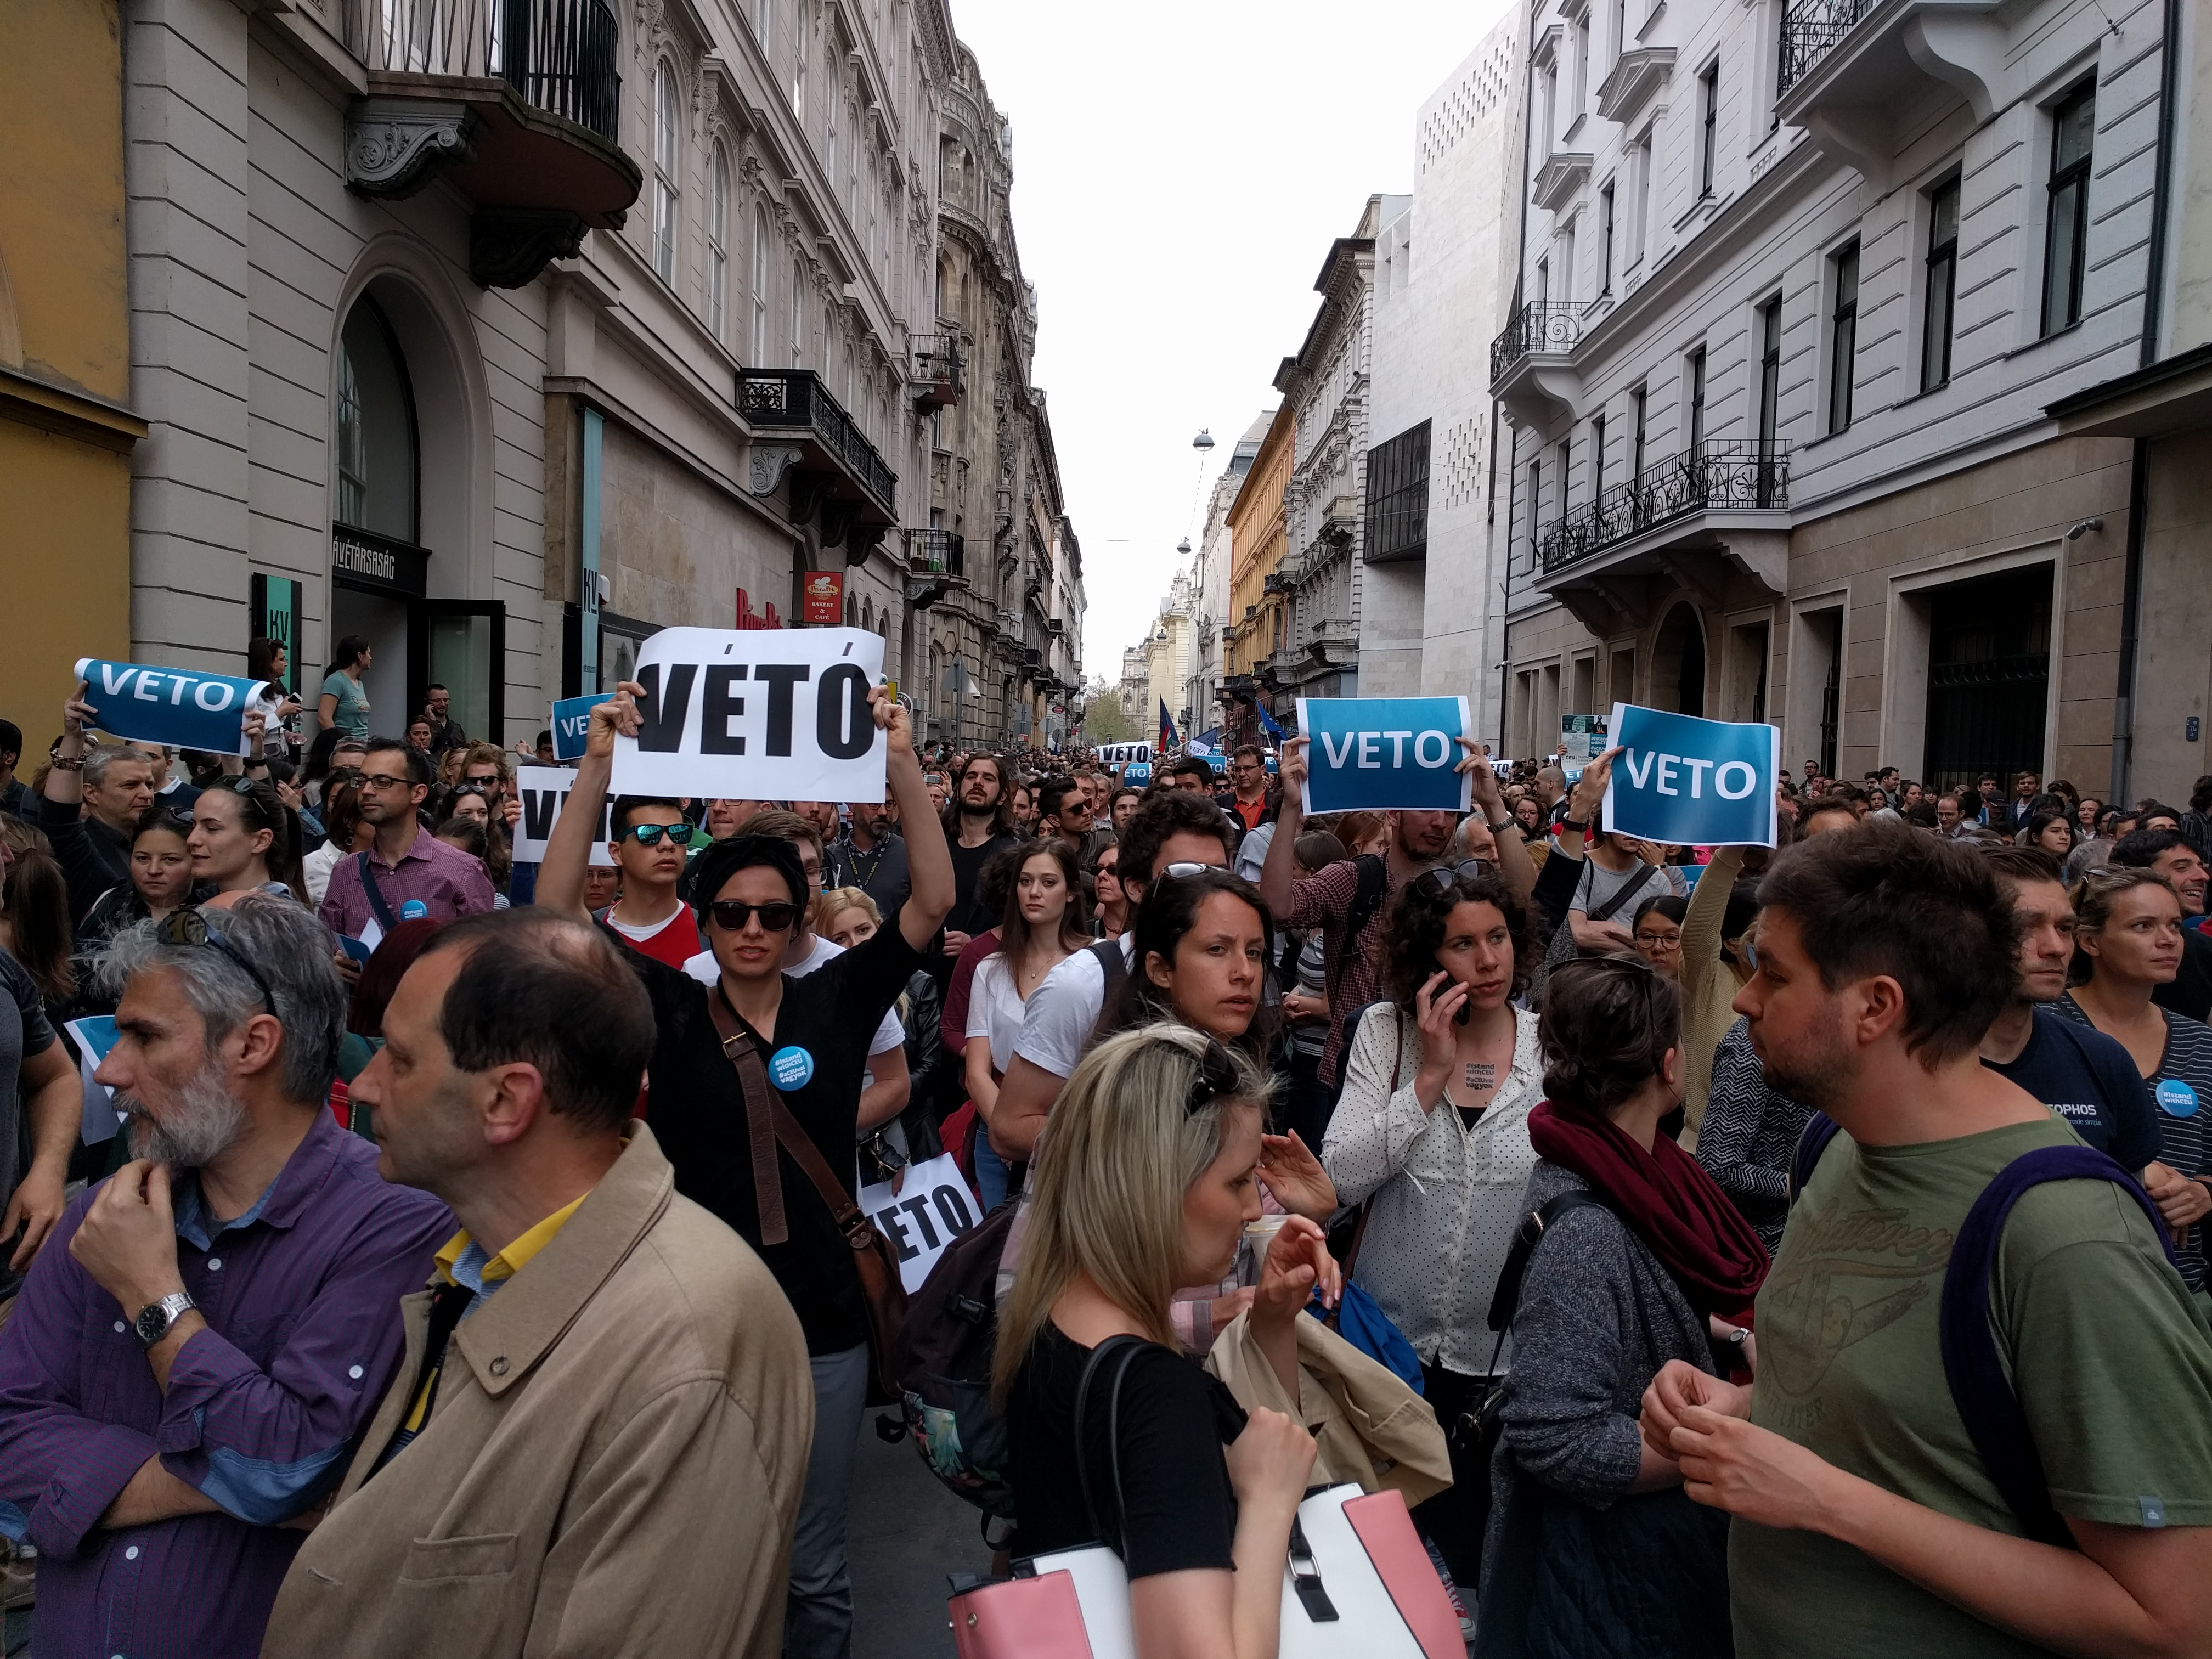 Már nemcsak Nobel-díjasok tiltakoznak a CEU-törvény ellen, de azok is, akik a Nobel-díjakat osztják